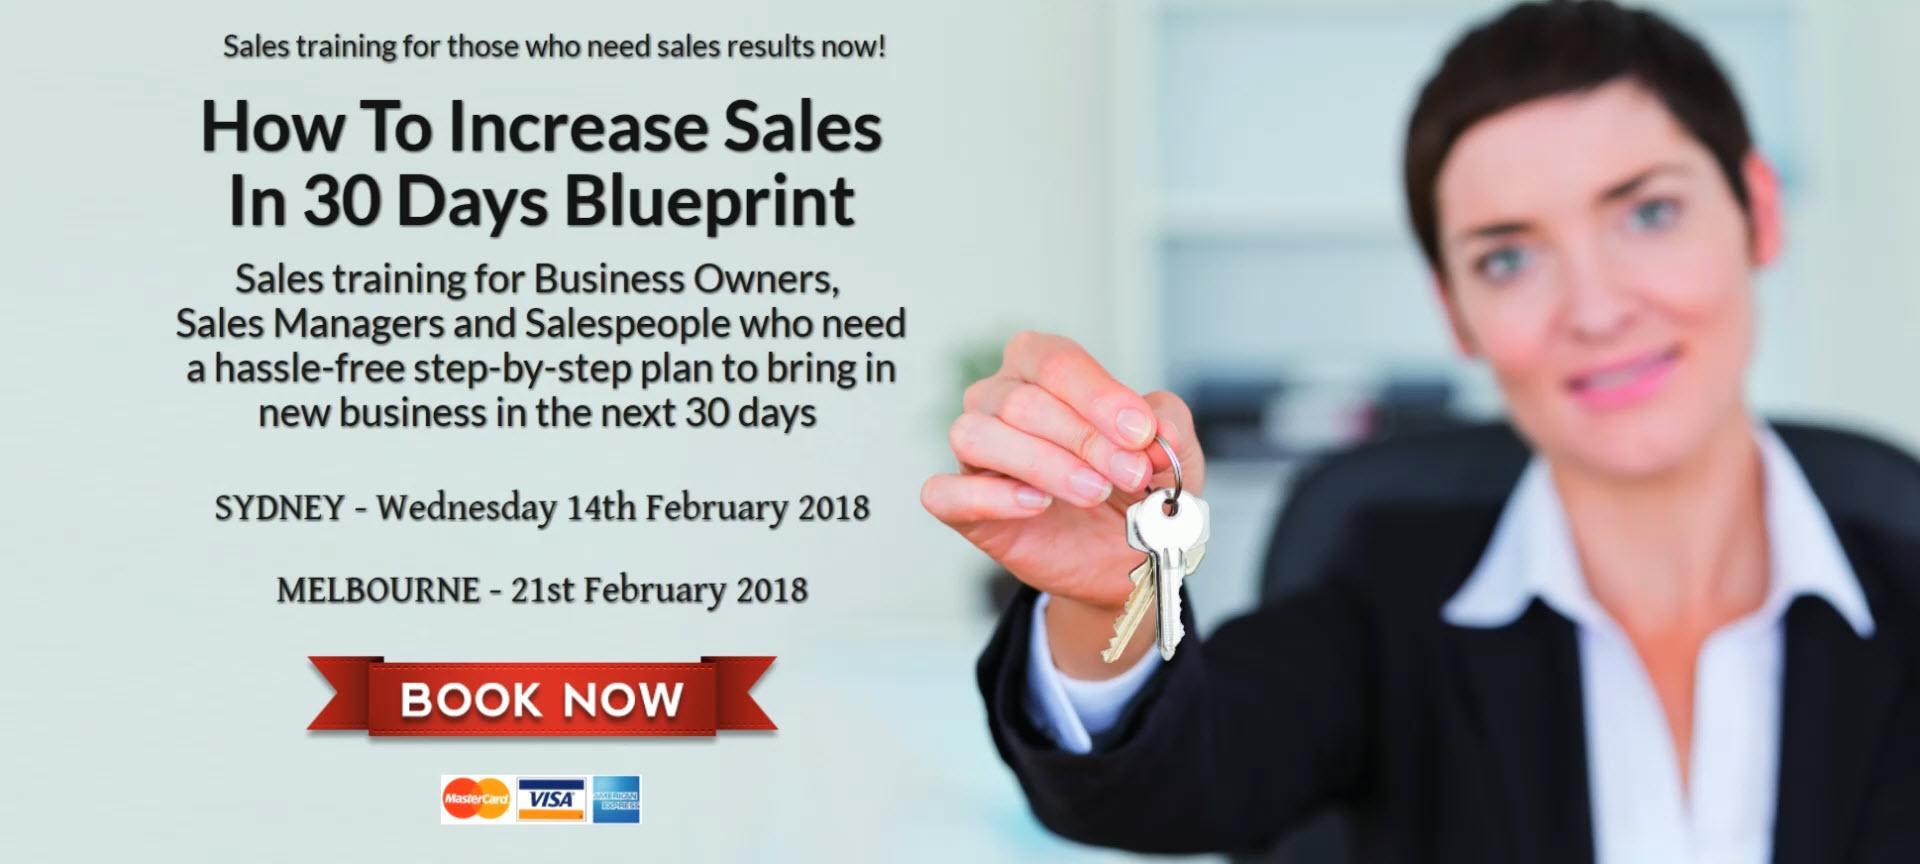 Sales training workshop sydney february 2018 22 feb 2018 sales training workshop sydney february 2018 malvernweather Images